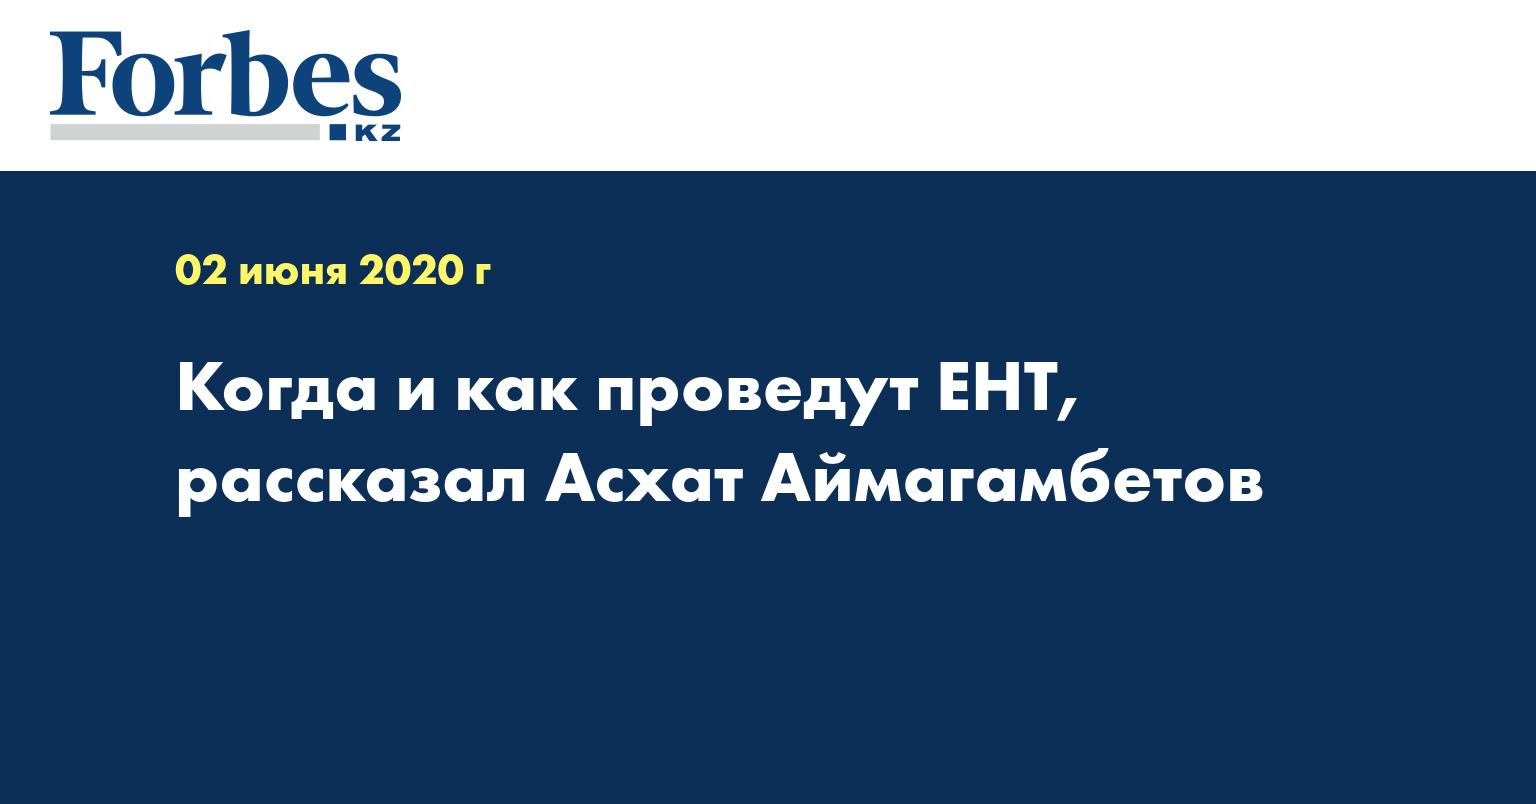 Когда и как проведут ЕНТ, рассказал Асхат Аймагамбетов